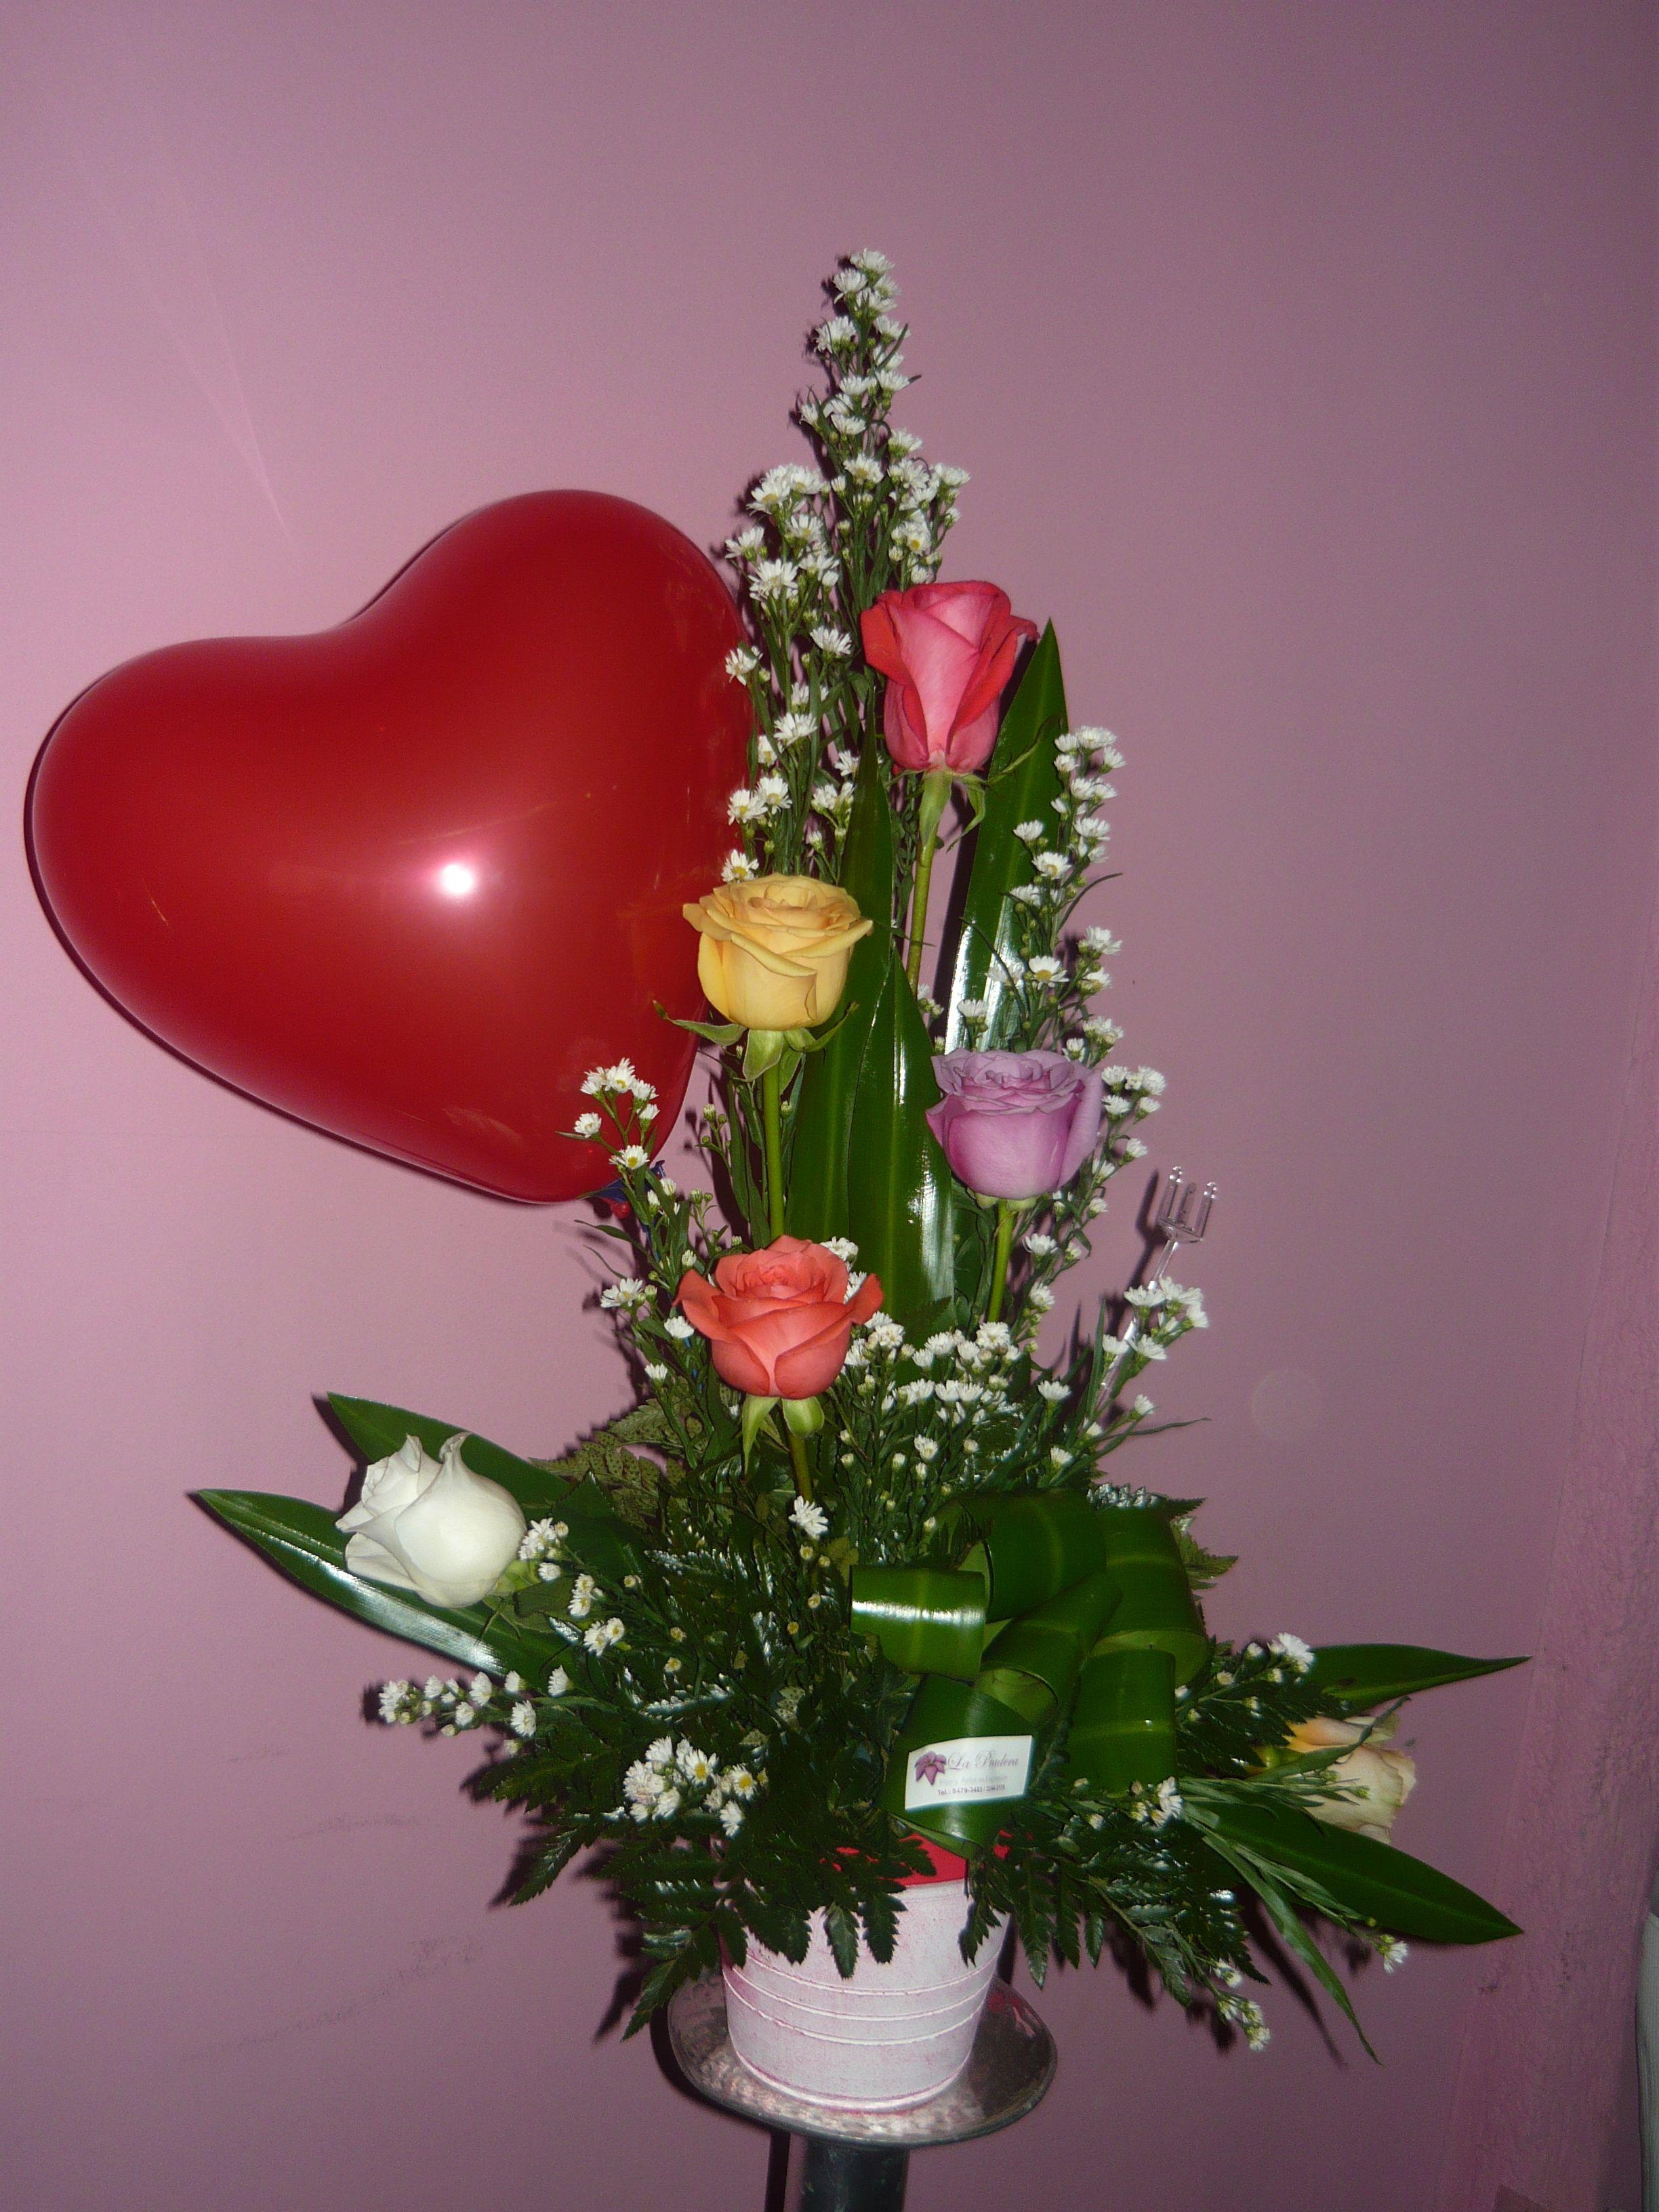 Arreglos de Rosas # Rosas Rojas # Arreglo para Enamorados ...  Arreglos de Ros...